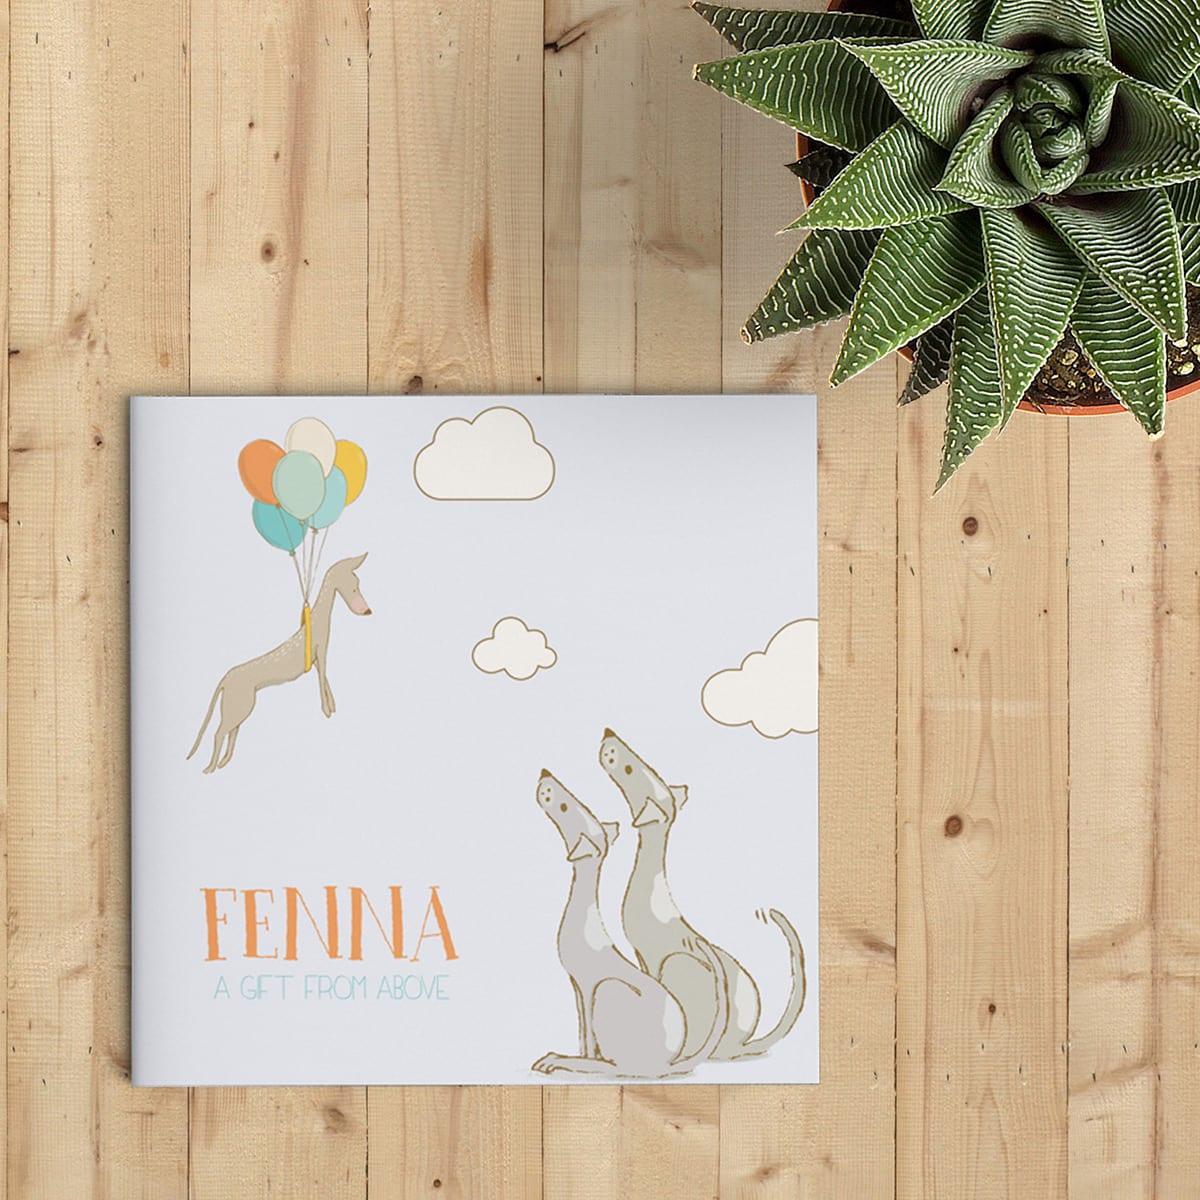 De prachtig getekende illustraties op geboortekaartje Hondjes zijn schattig en creëren een bijzondere sfeer. Een puppy als geschenk uit de hemel.